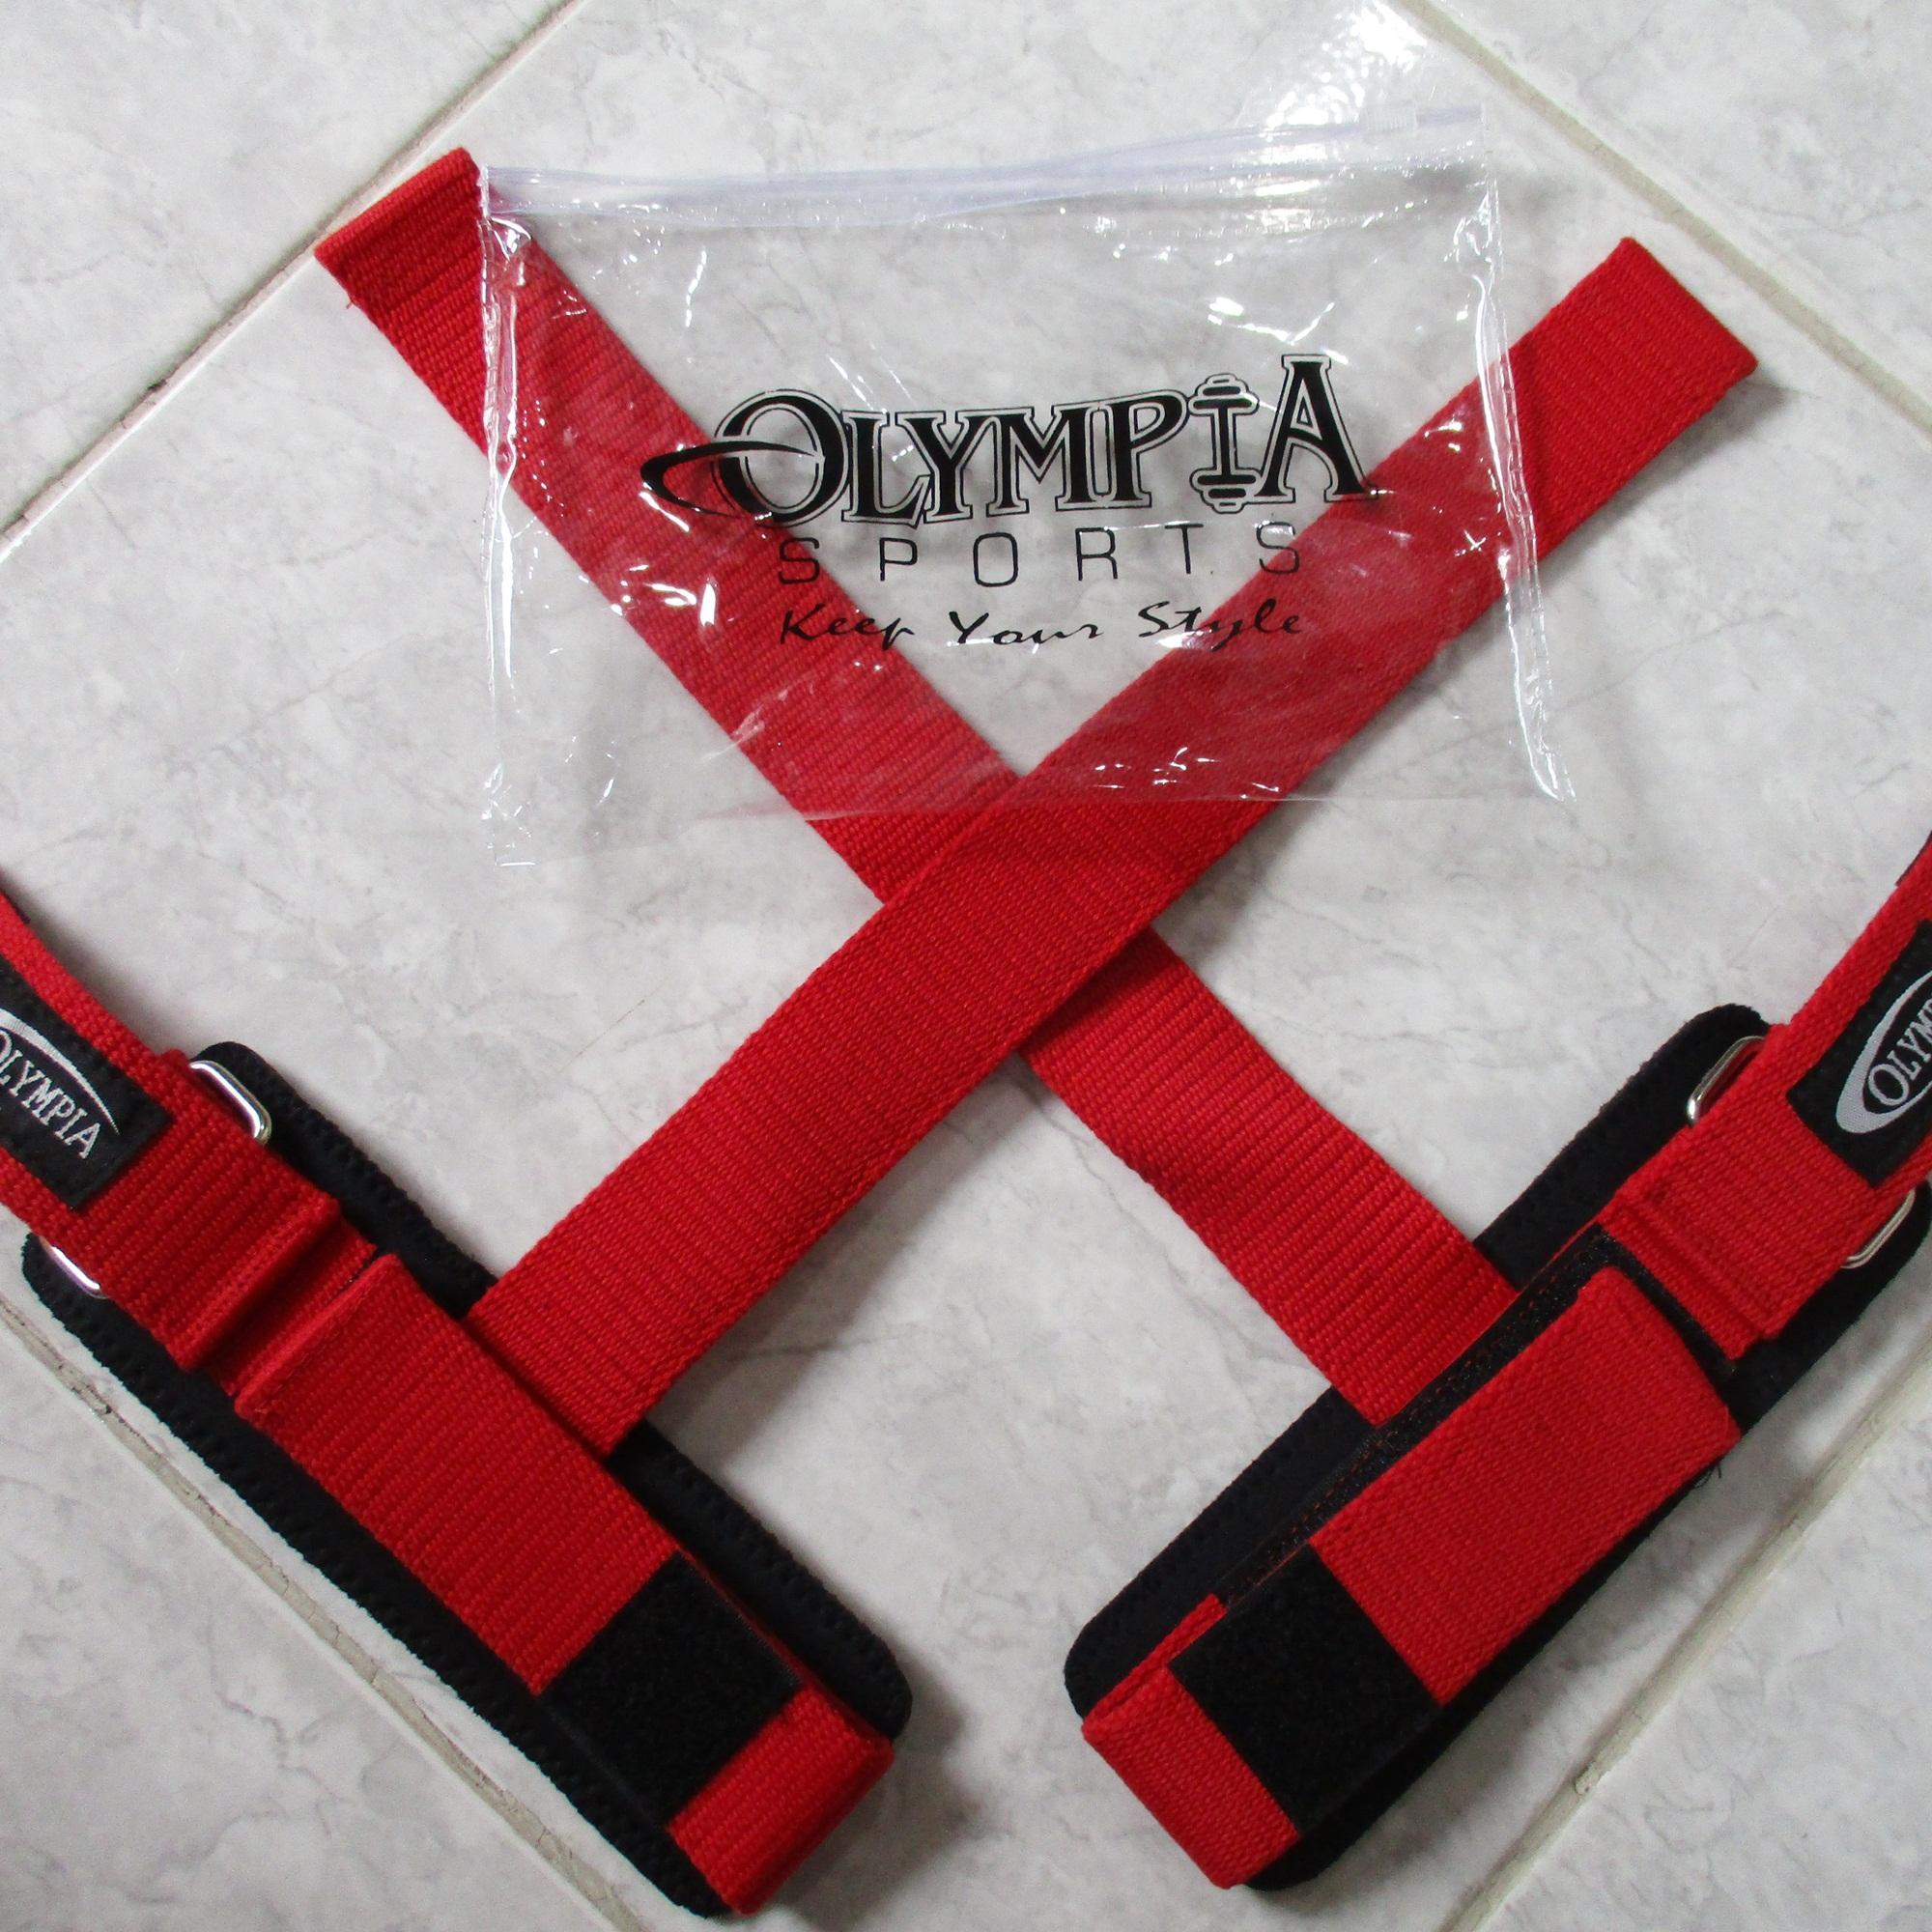 Strap Fitness Alternatif Sarung Tangan Gym Gloves Pengunci Besi Kuat dan Murah